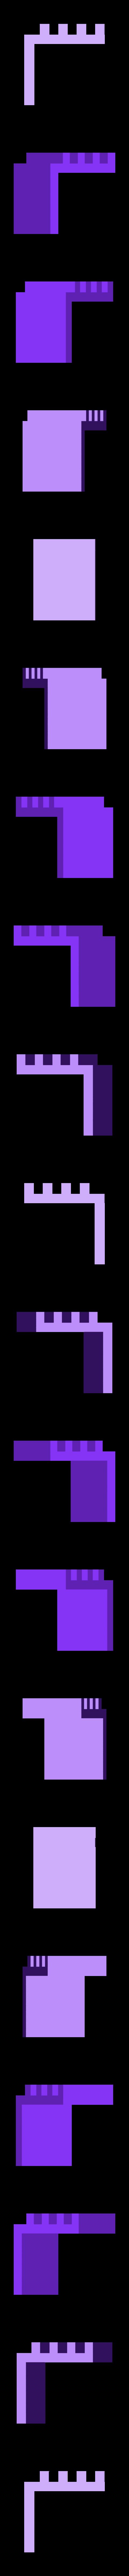 spool_back_hook.stl Télécharger fichier STL gratuit Support de bobine de filament ajustable / extensible - Ajouts à Flashforge Creator Pro • Modèle à imprimer en 3D, Kajdalon